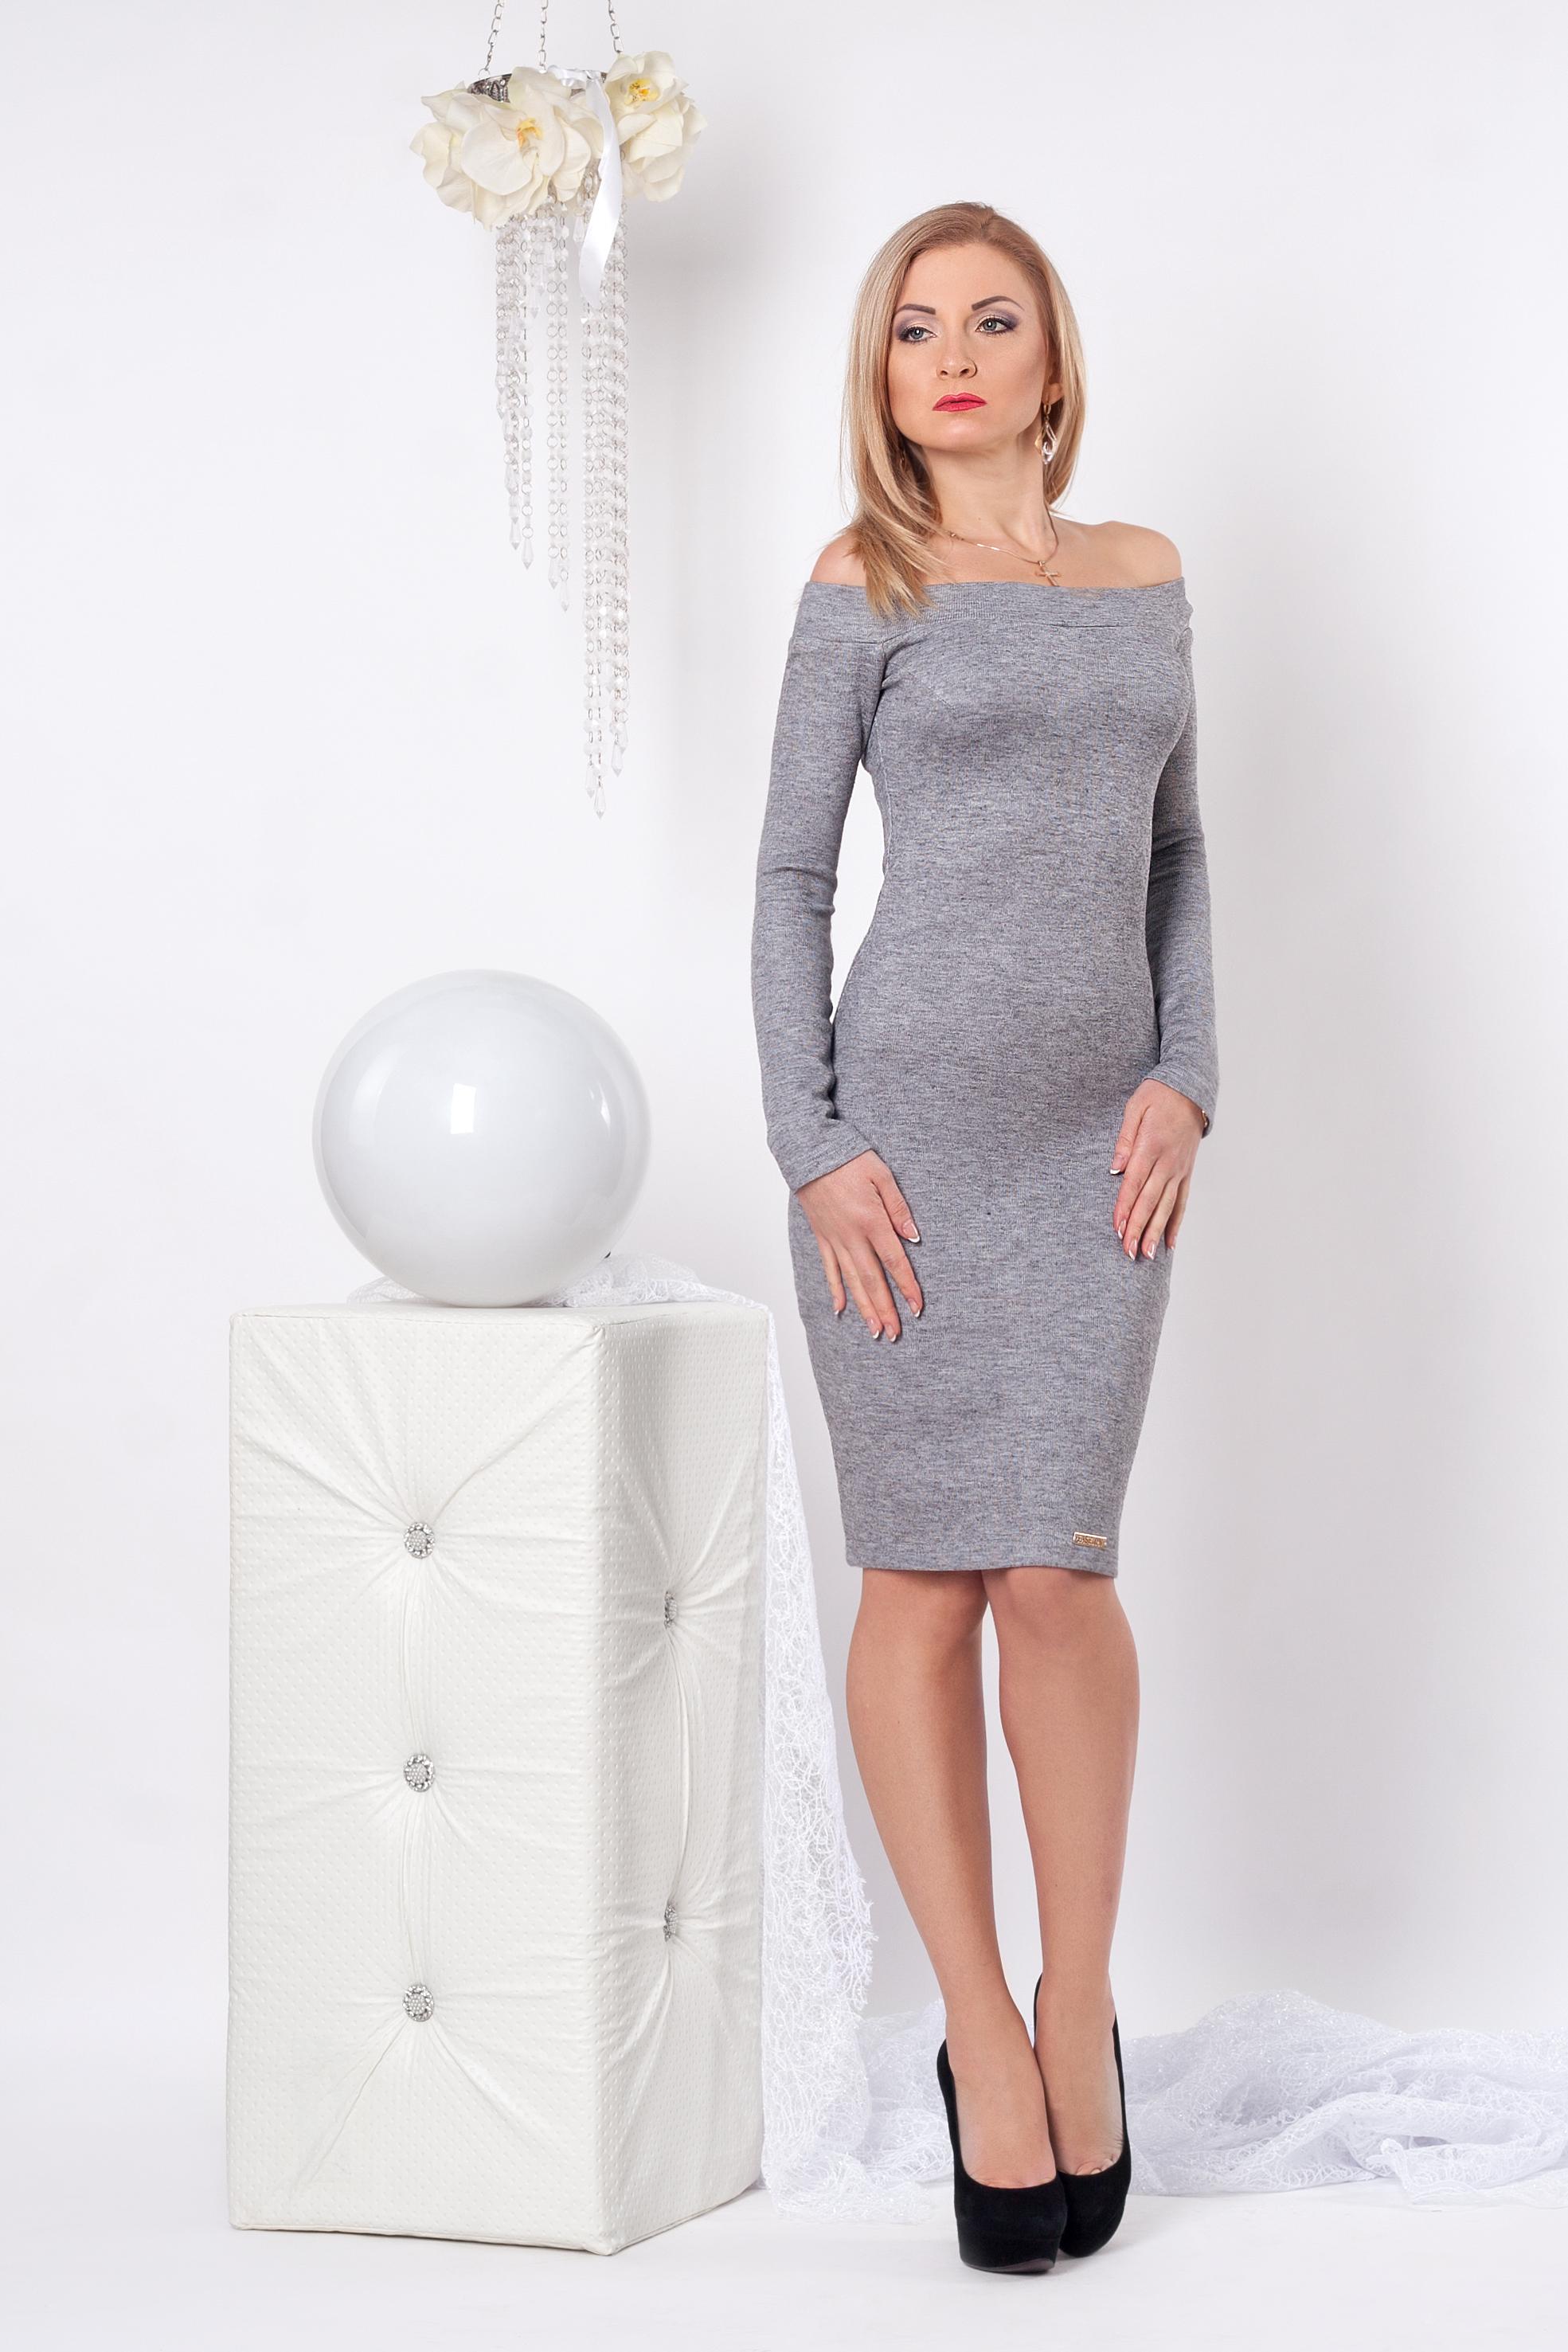 Приталенное женское платье 963 серый - Фотогалерея стильной одежды ... 1670e2b255c64